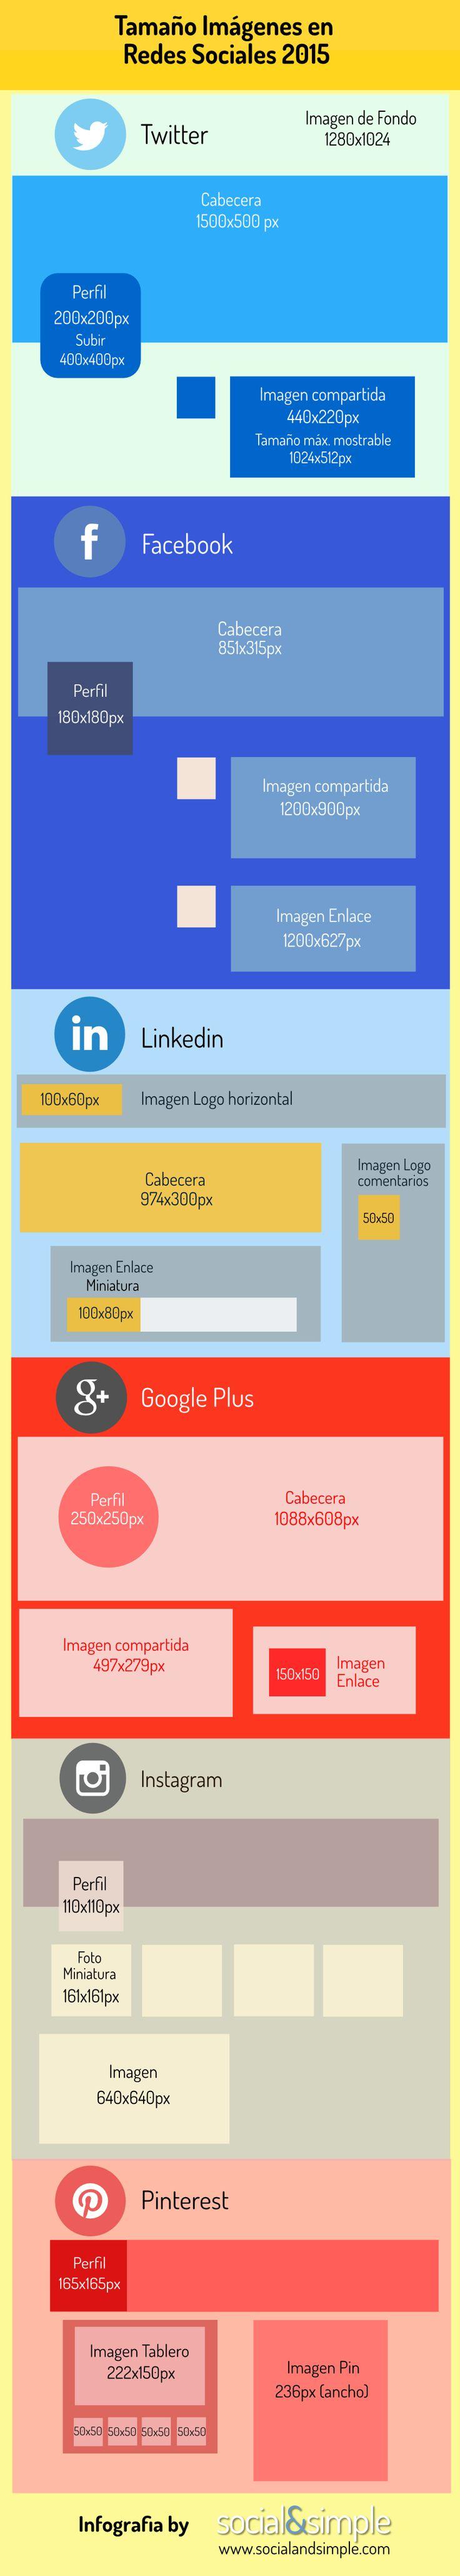 Tamaños de las imágenes en Redes Sociales 2015. #SocialMedia #infografia